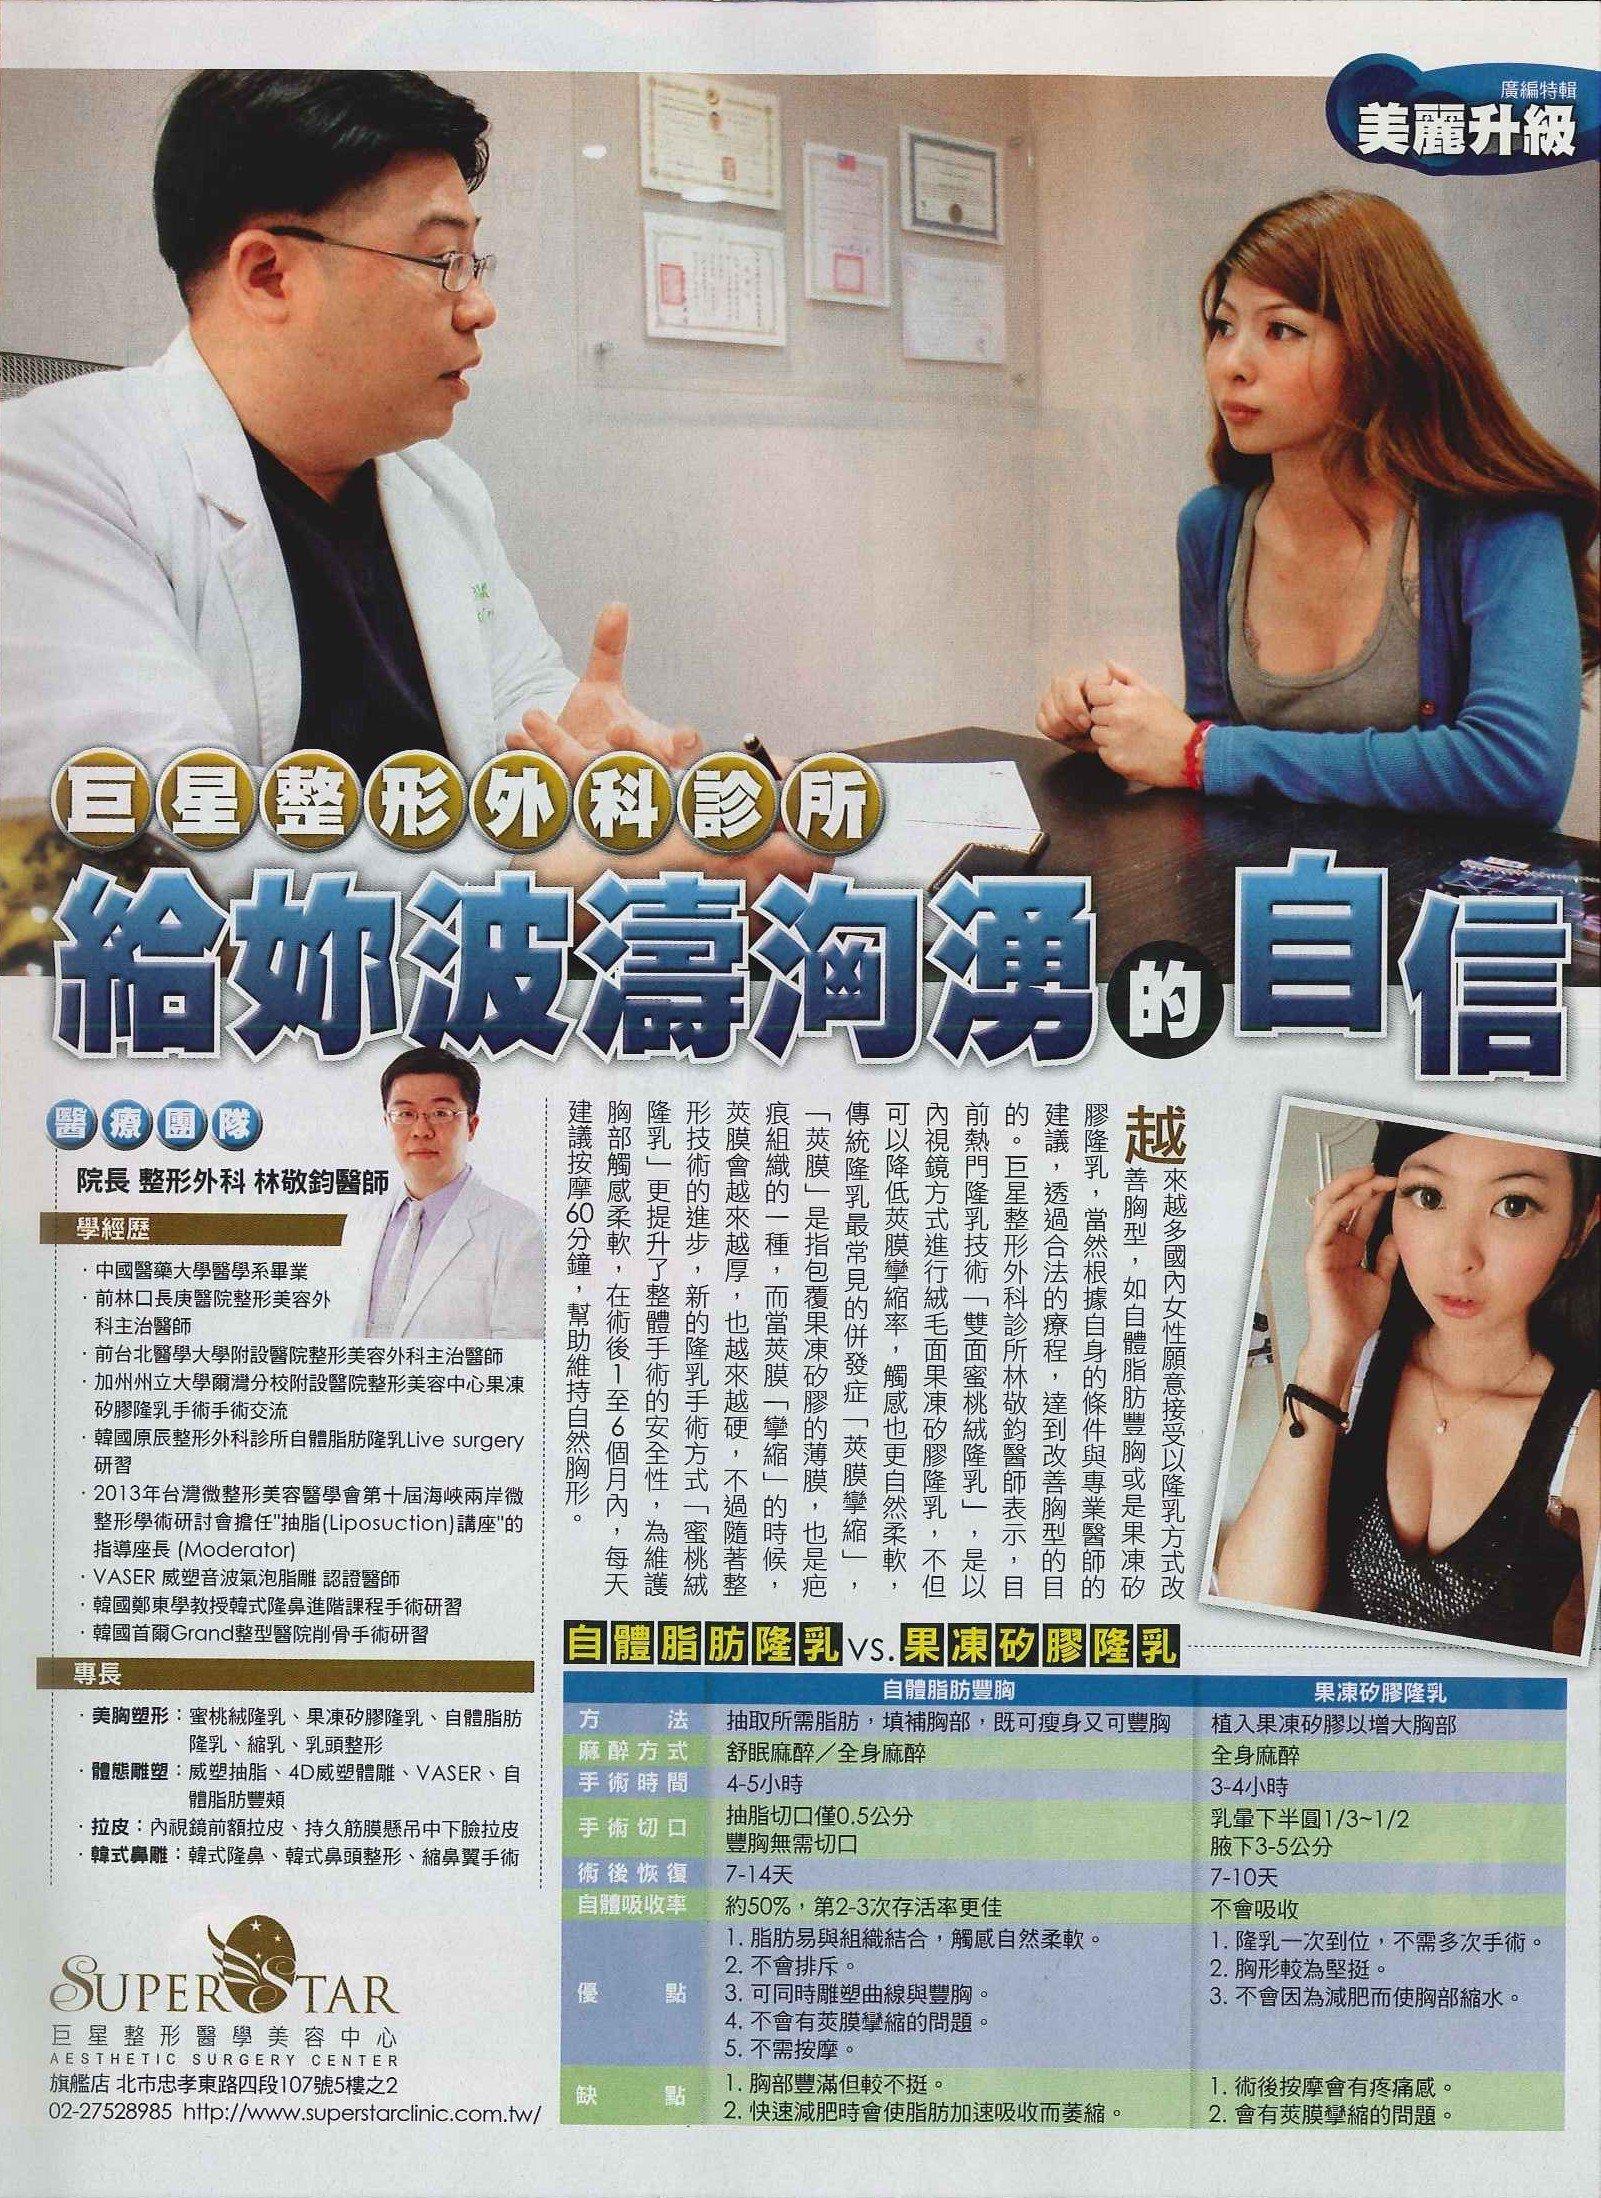 林敬鈞醫師接受壹週刊專訪蜜桃絨隆乳,雙面複合式隆乳